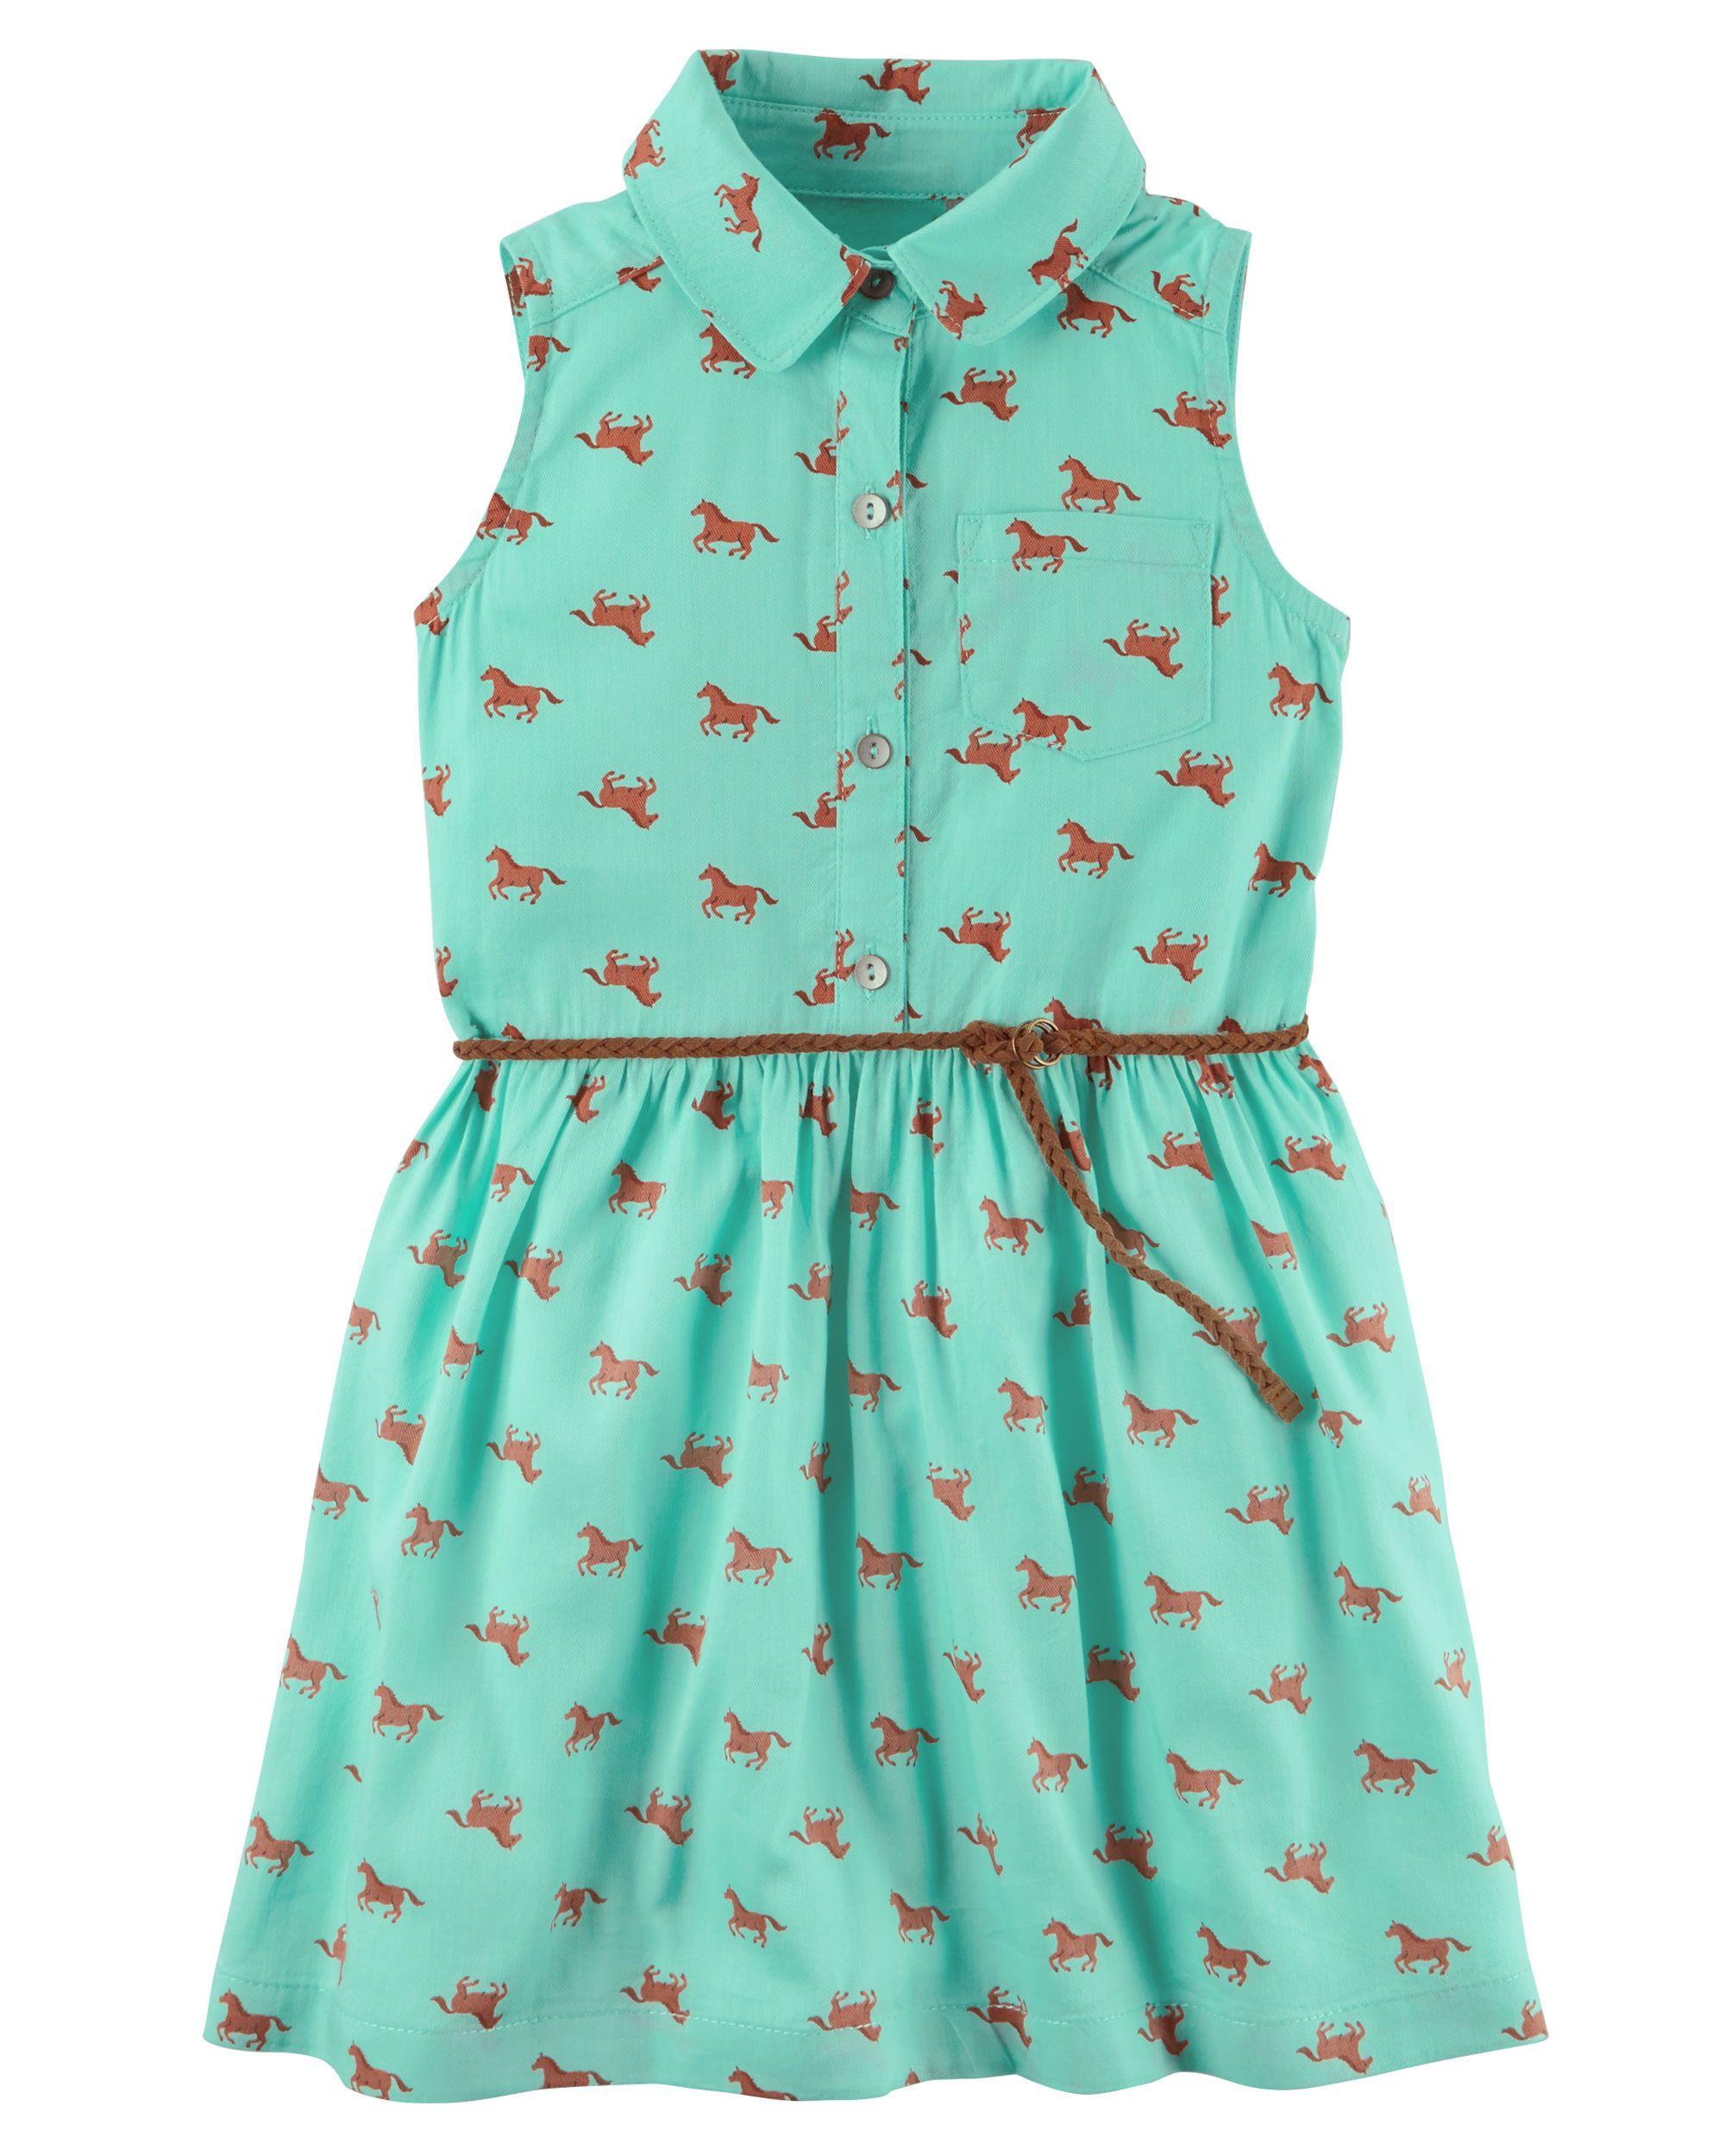 Pin de leidy johana en ropa de niña | Pinterest | Ropa de niñas y Ropa